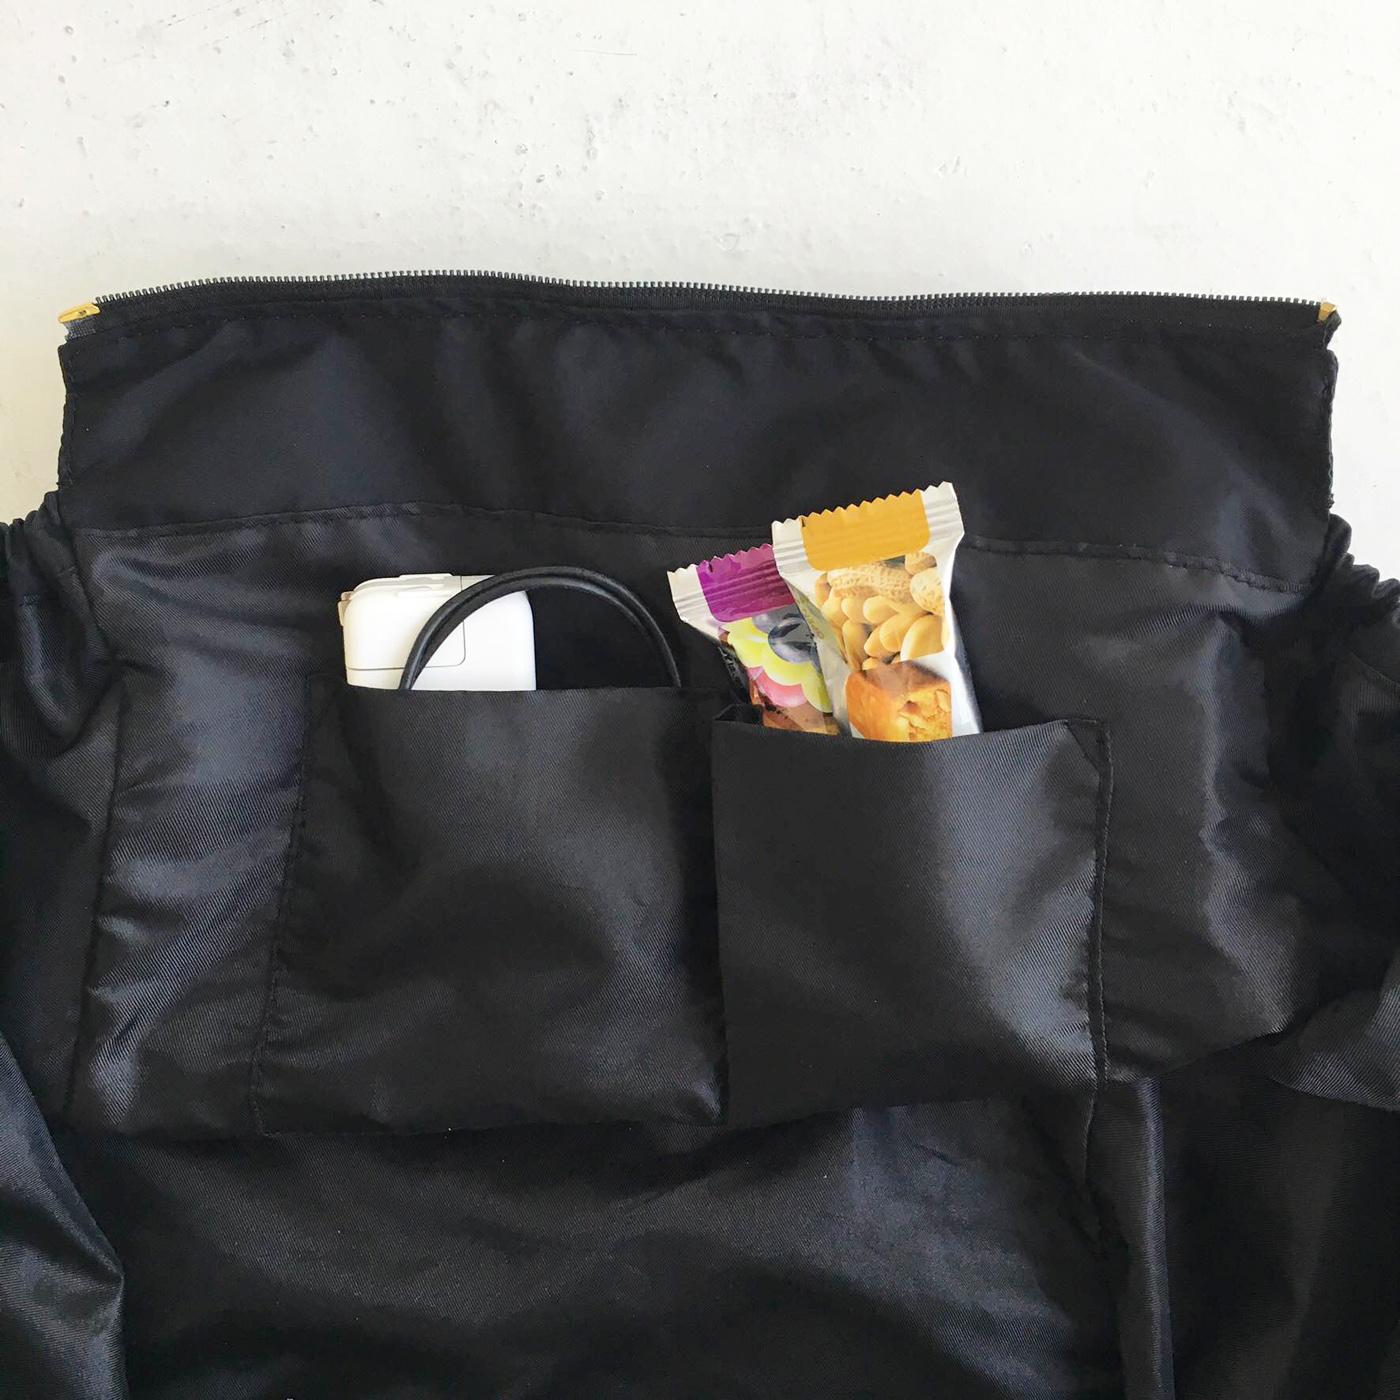 内側には、貼り付けポケット付き。